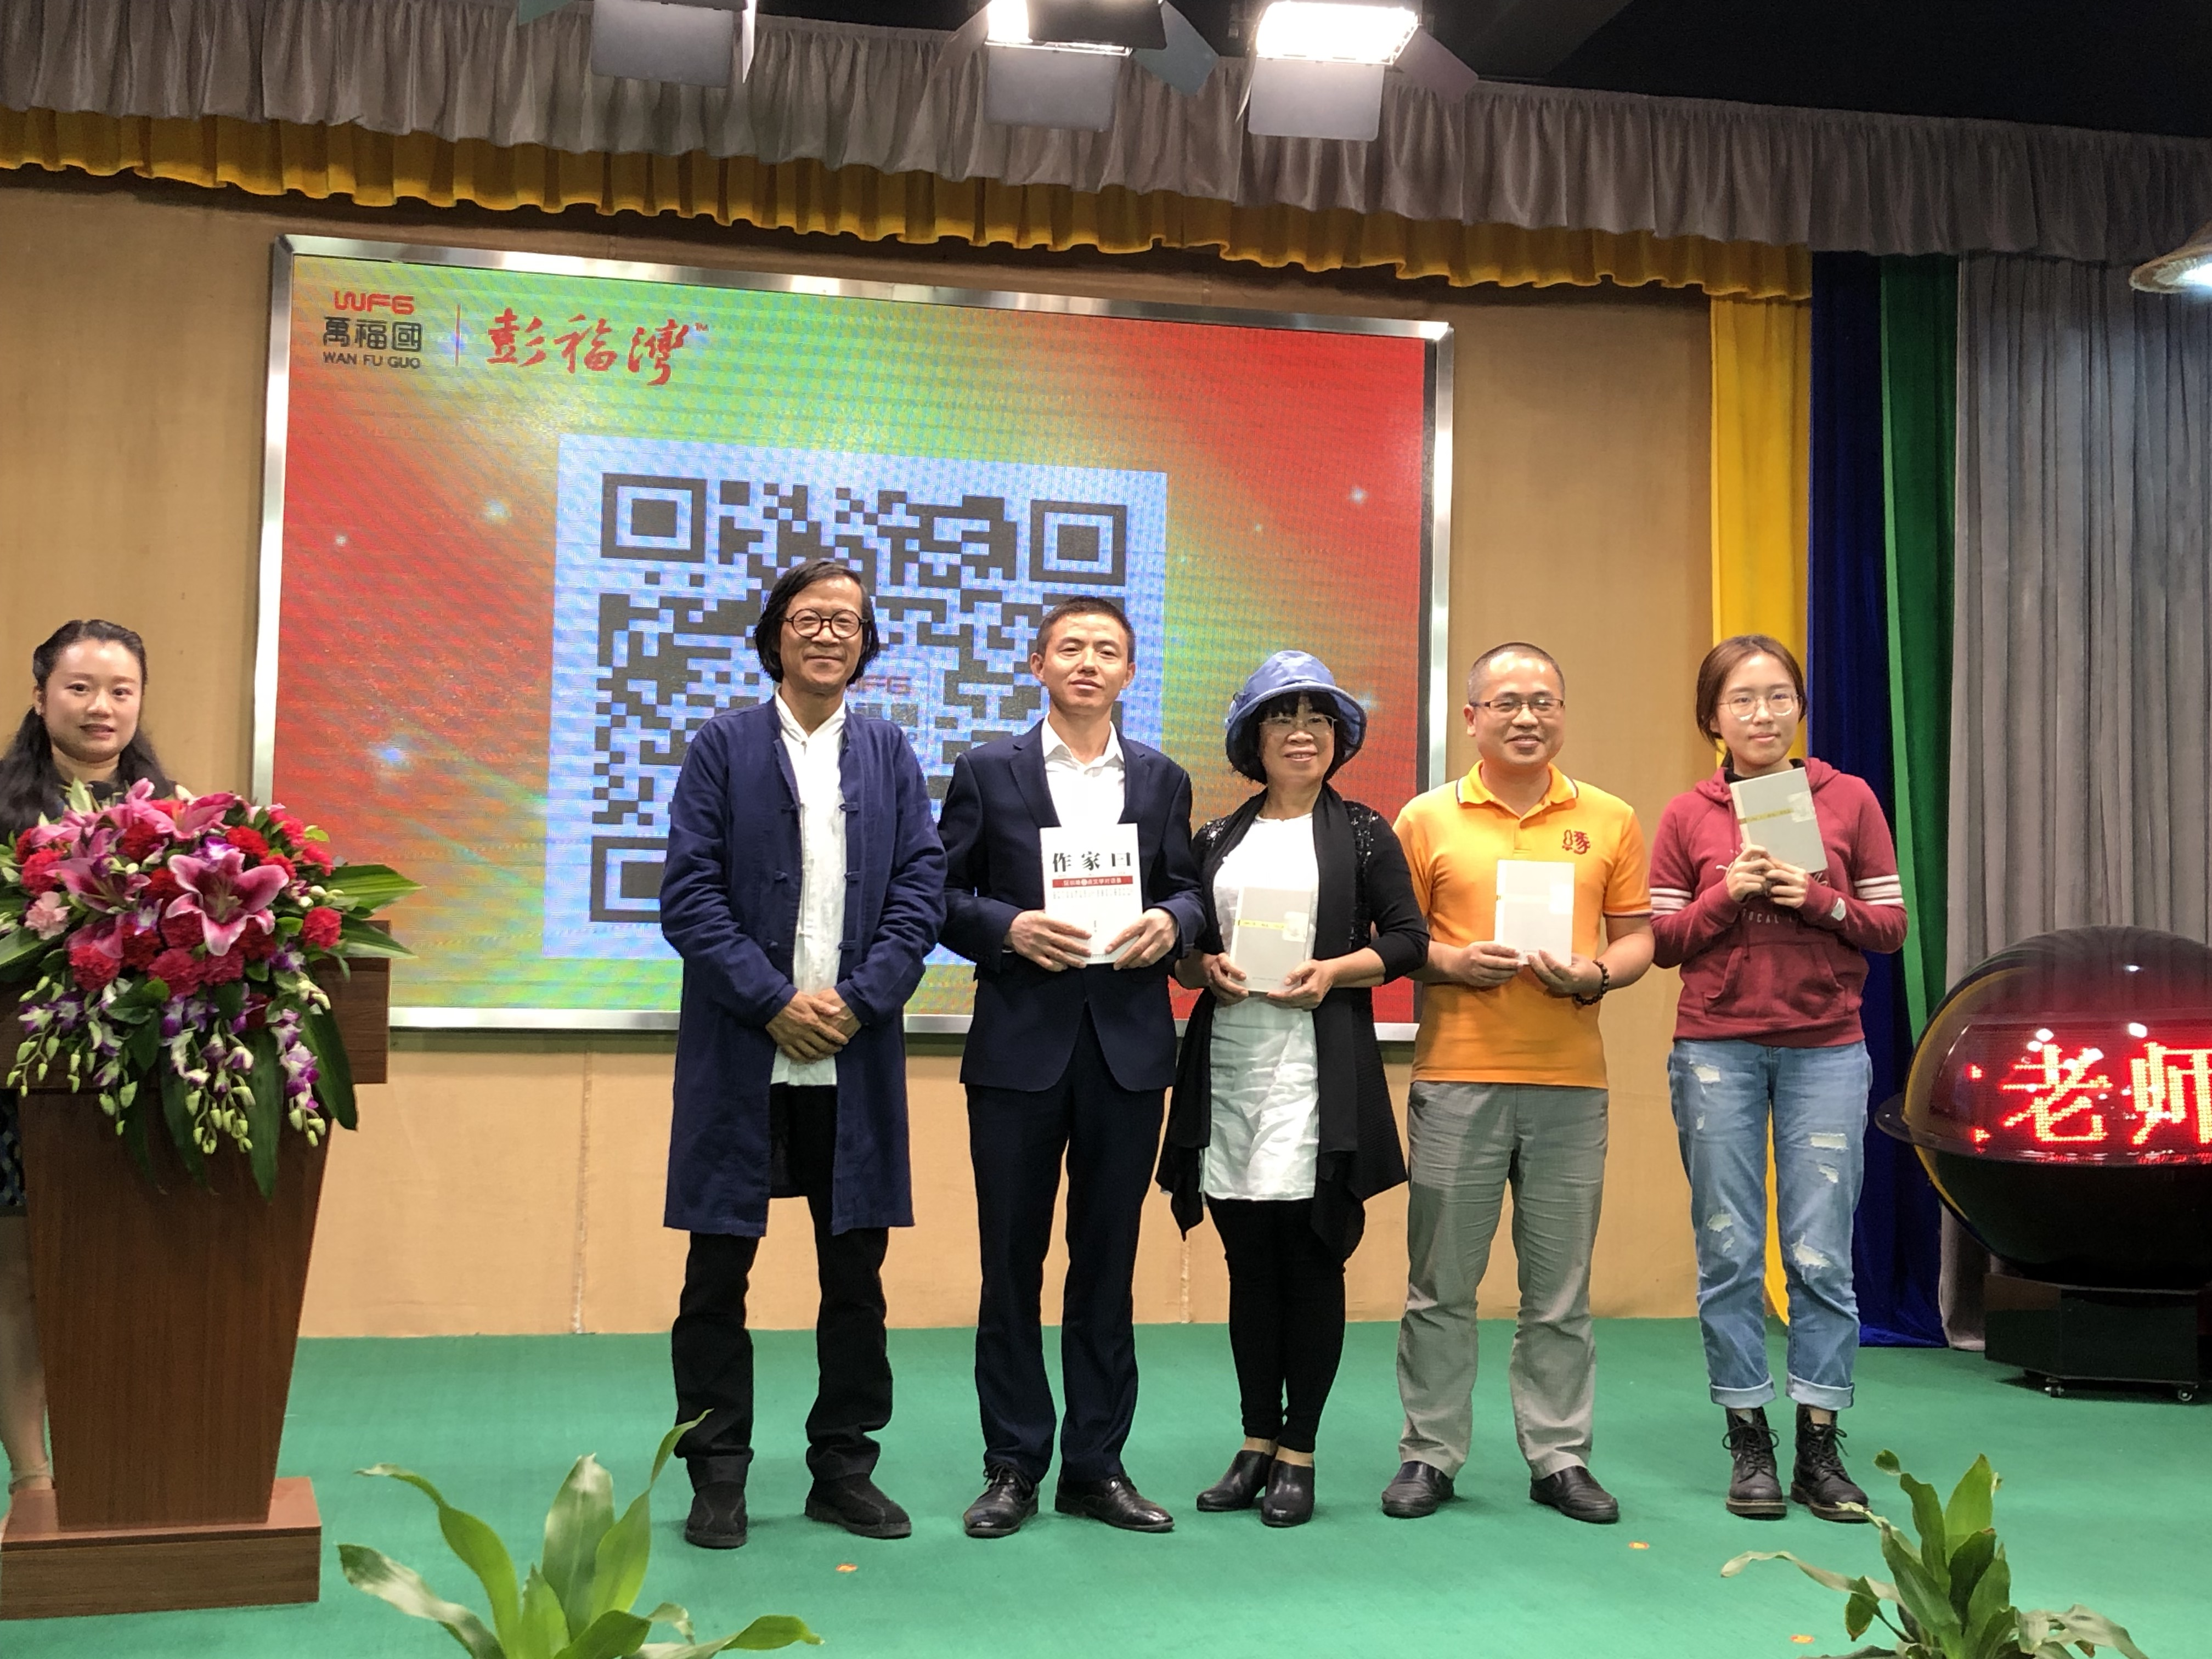 著名文化学者胡野秋做客深圳彭福湾文化大讲堂